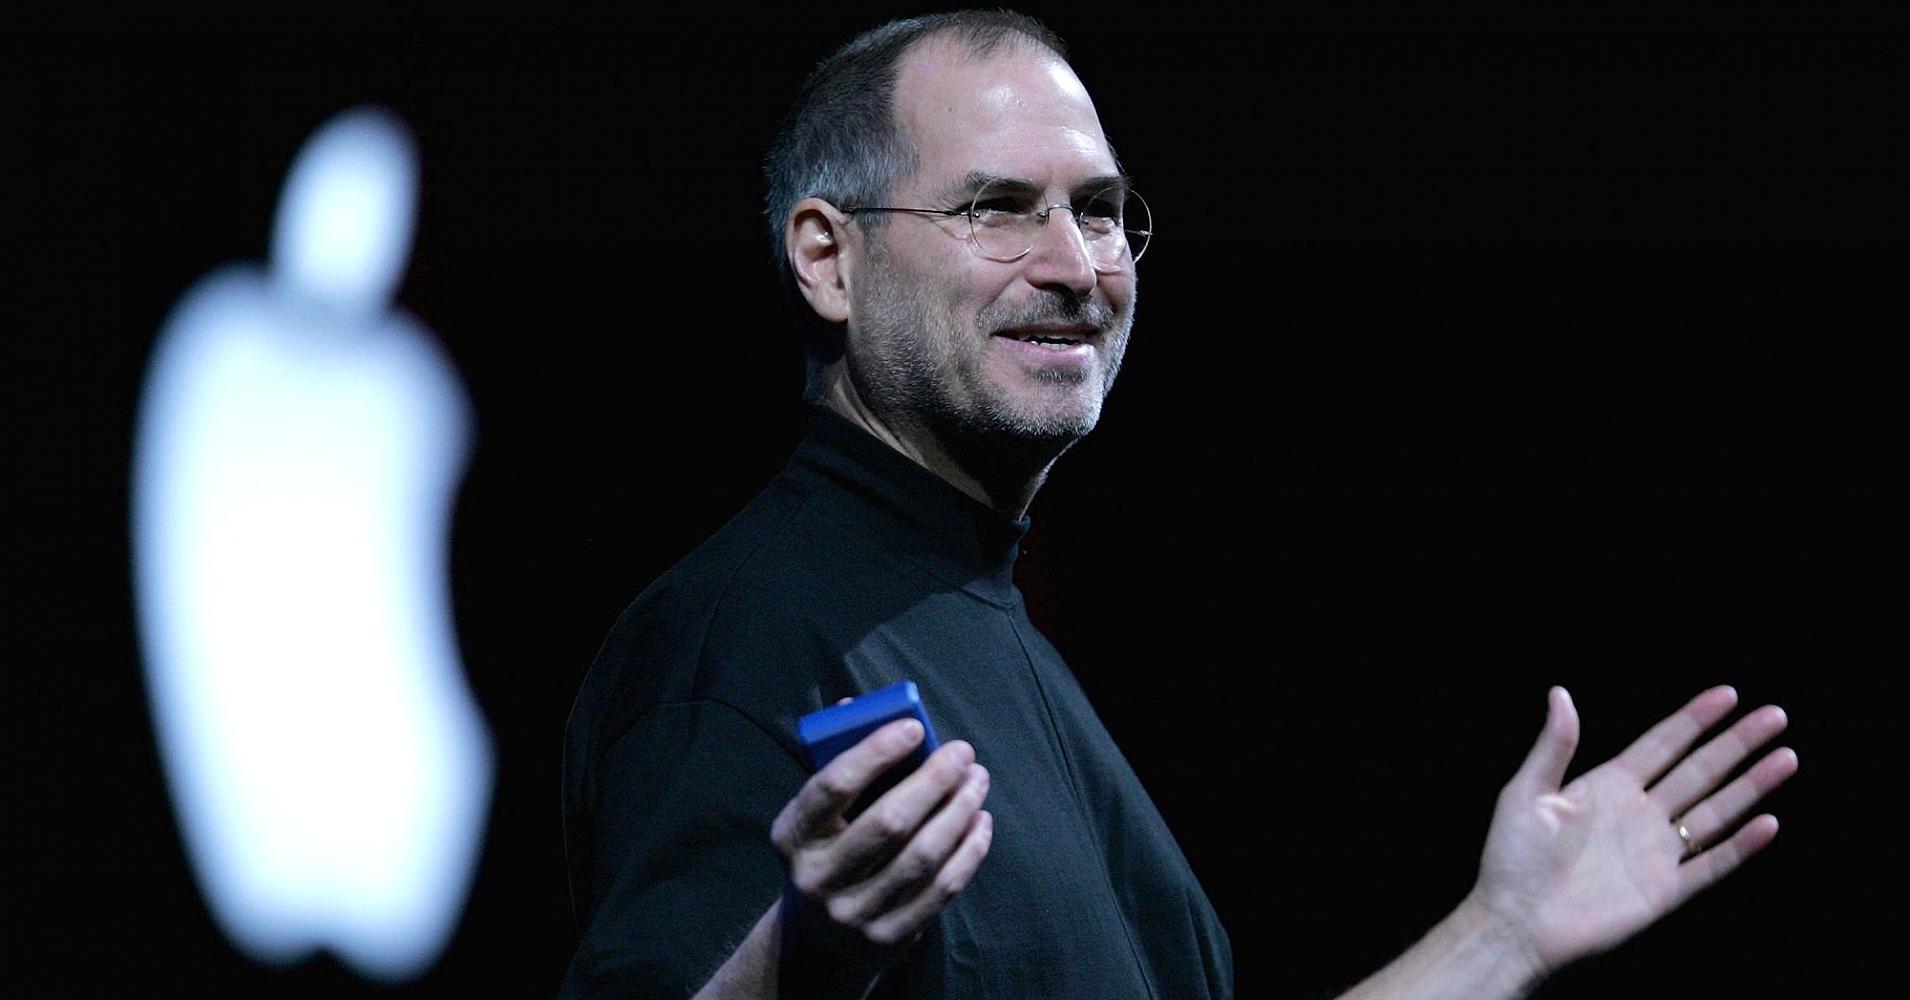 Steve Jobs adlı İtalyan şirketi